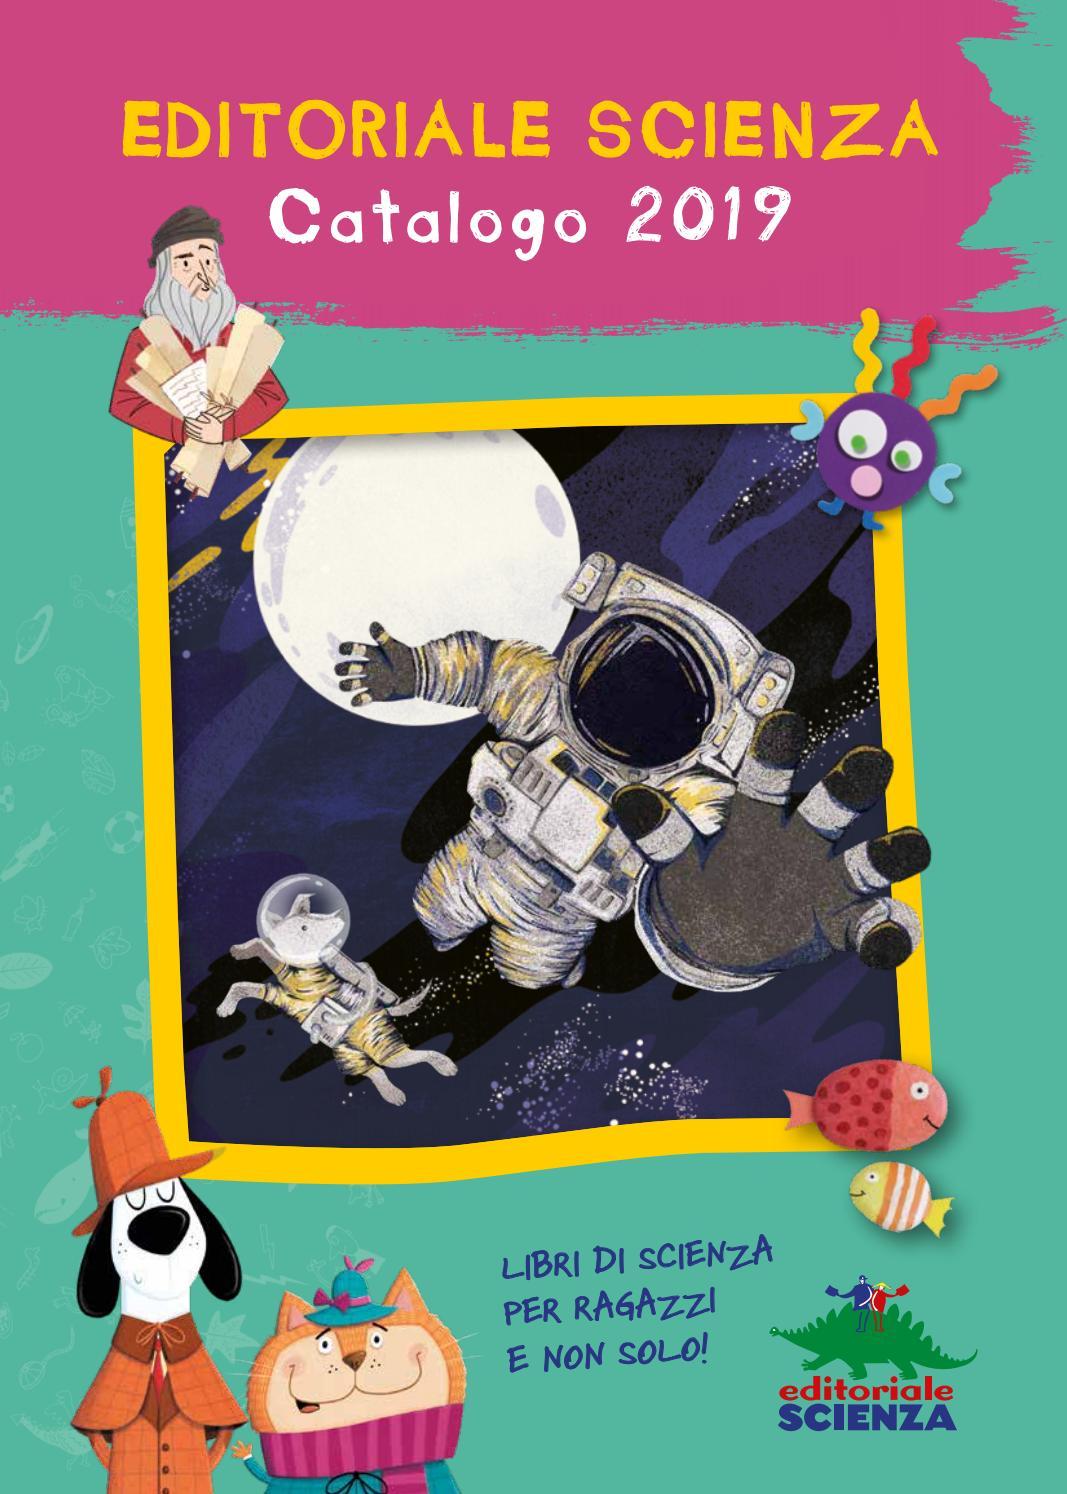 Quiz Ecologia Per Bambini catalogo editoriale scienza 2019 by editoriale scienza - issuu